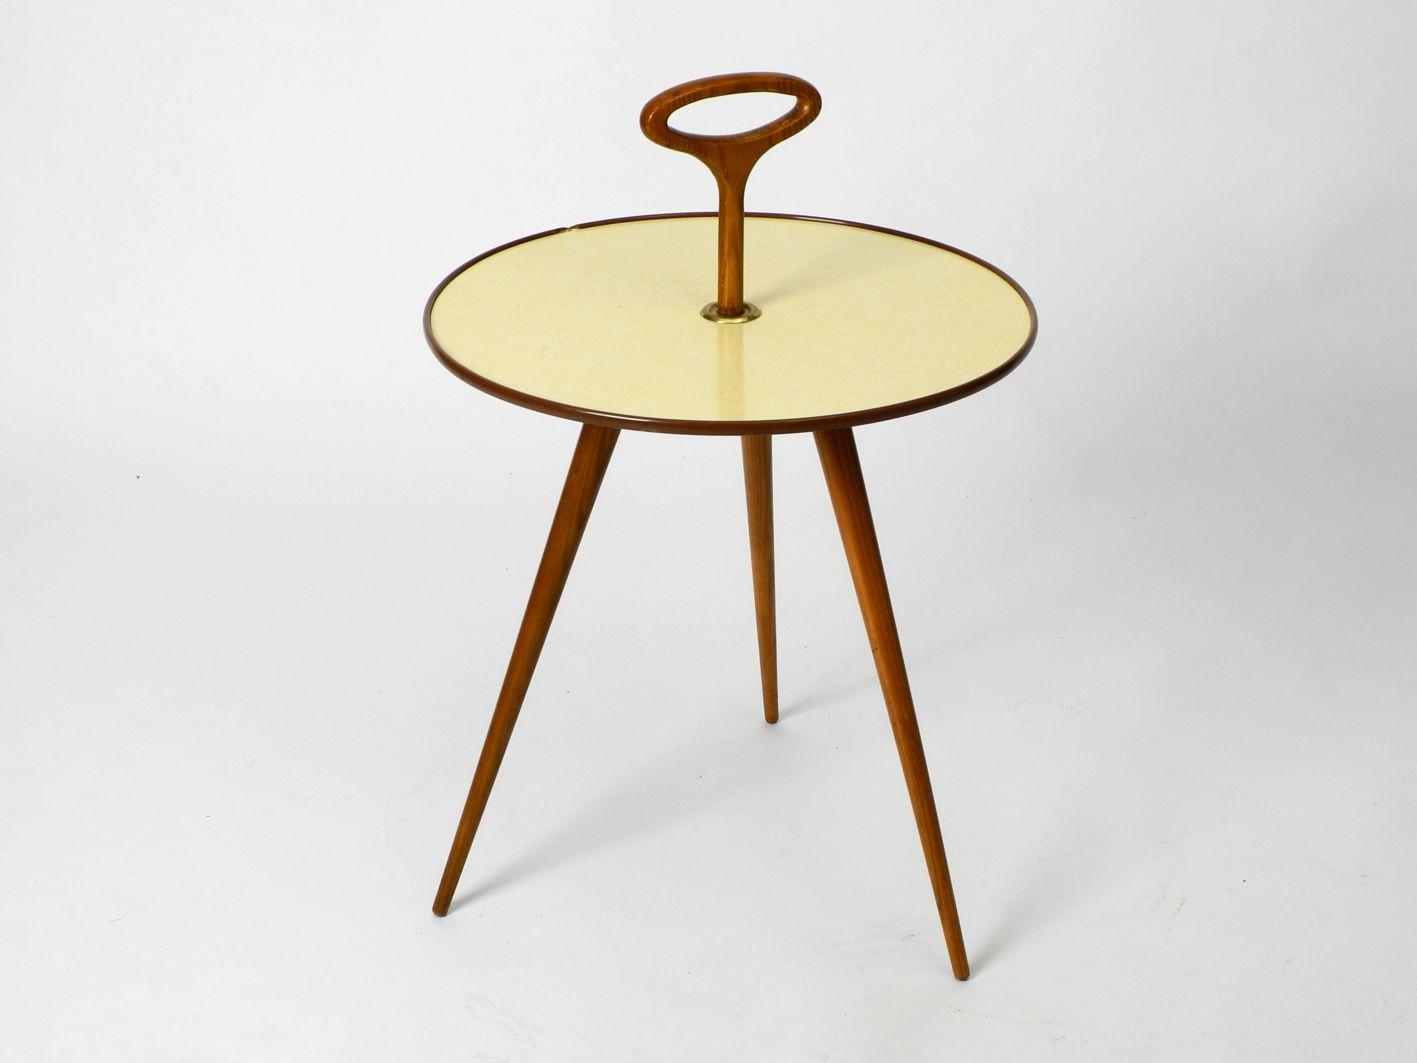 kleiner runder mid century dreibein tisch mit griff beinen aus nussholz bei pamono kaufen. Black Bedroom Furniture Sets. Home Design Ideas